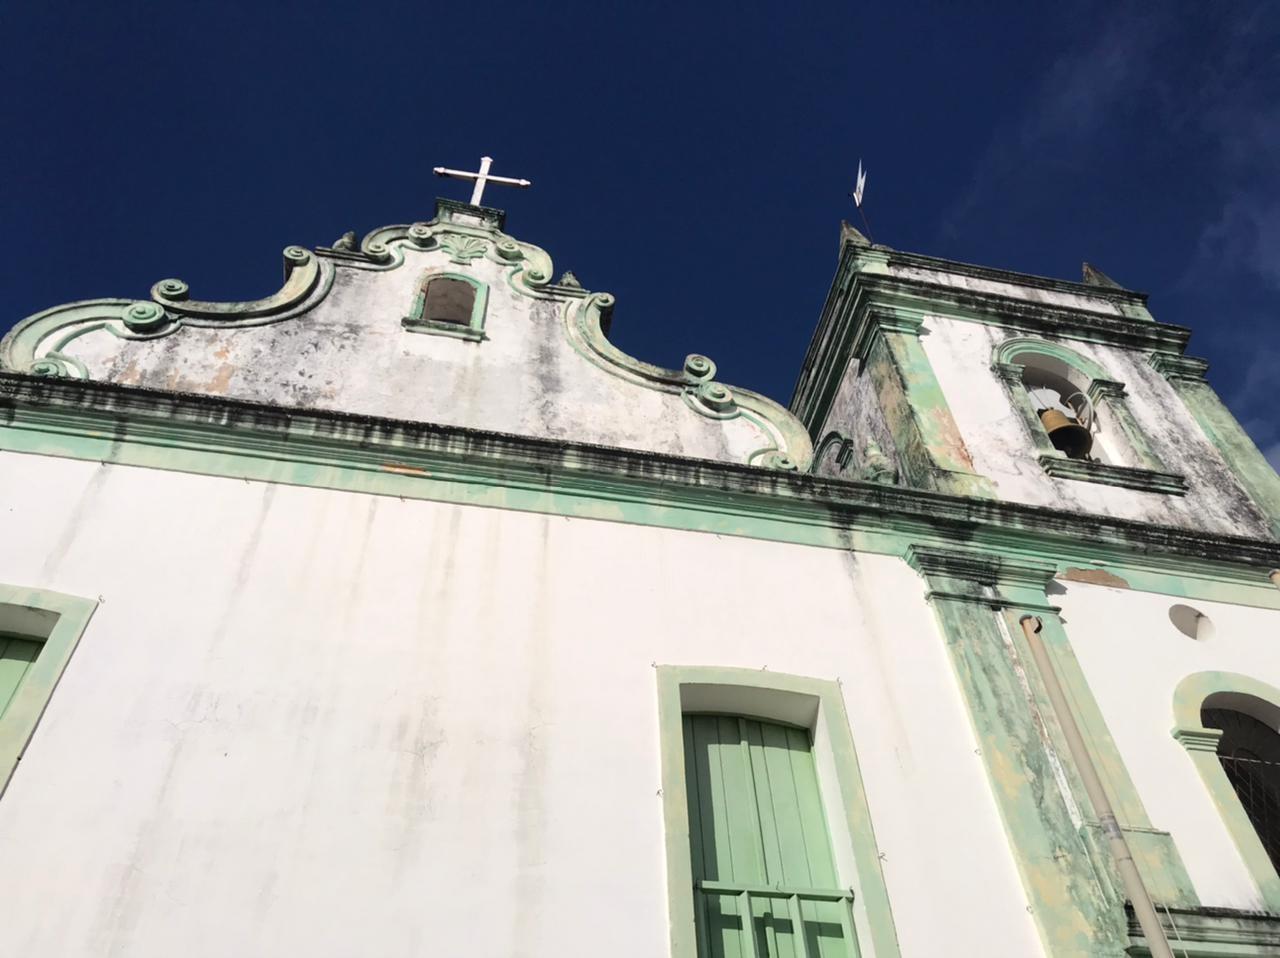 Igreja histórica é arrombada três vezes em 10 dias em Natal